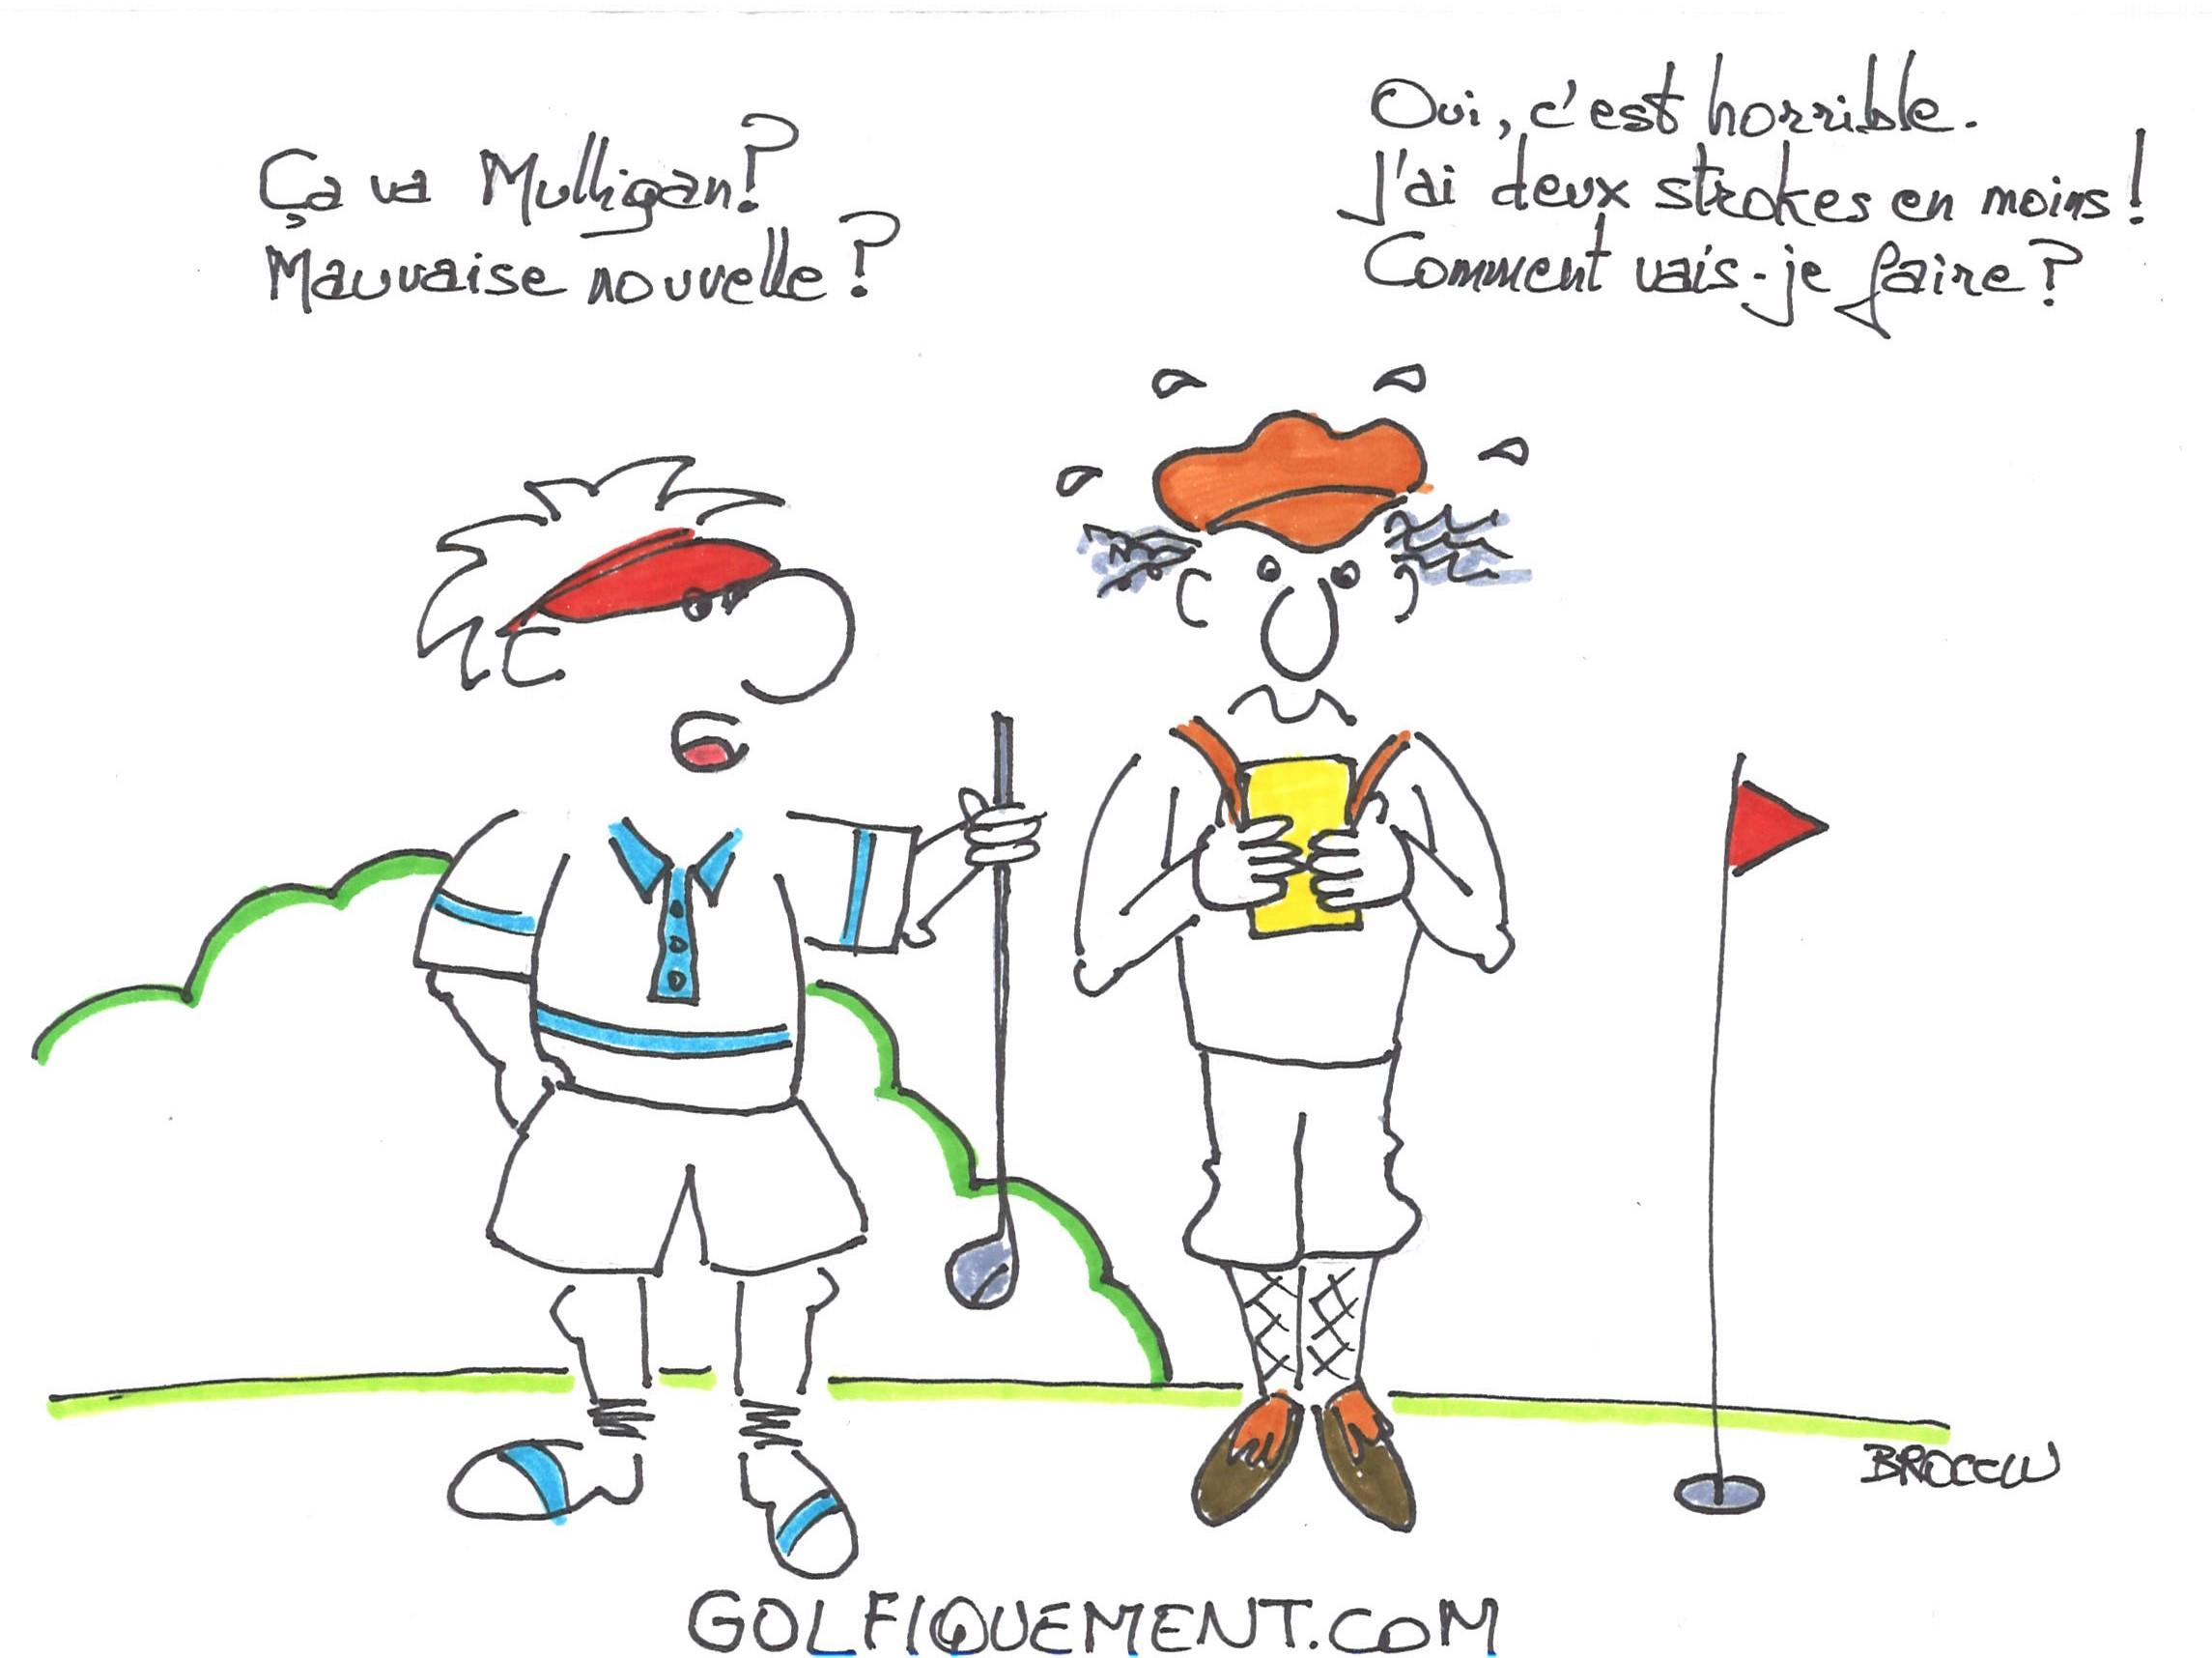 golfiquement.com